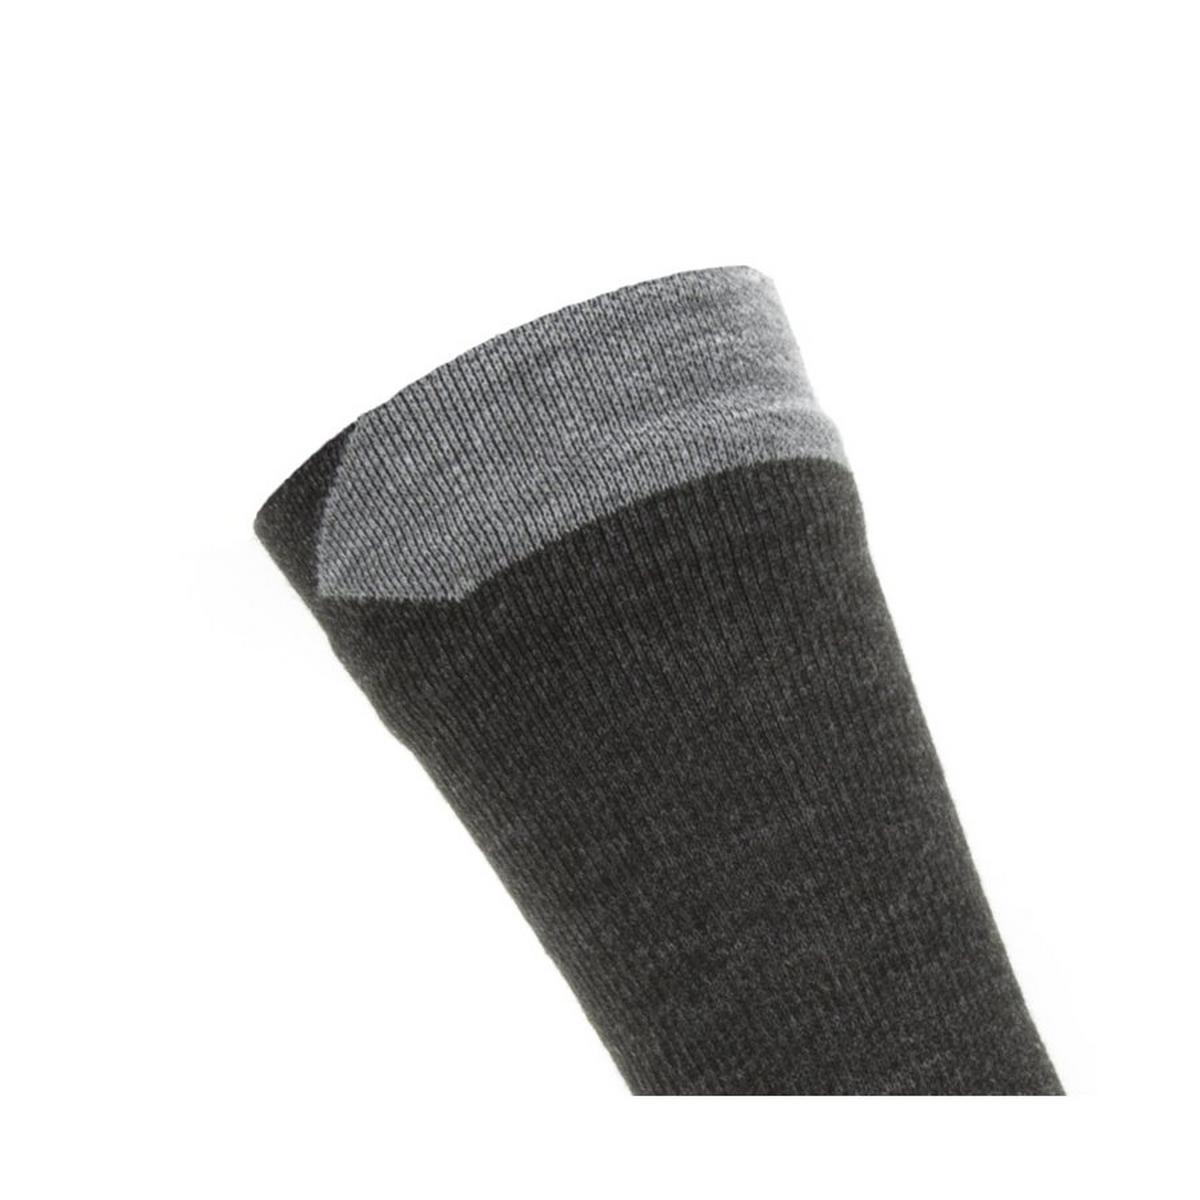 Sealskinz U Sealskinz Waterproof All Weather Mid Sock - Black